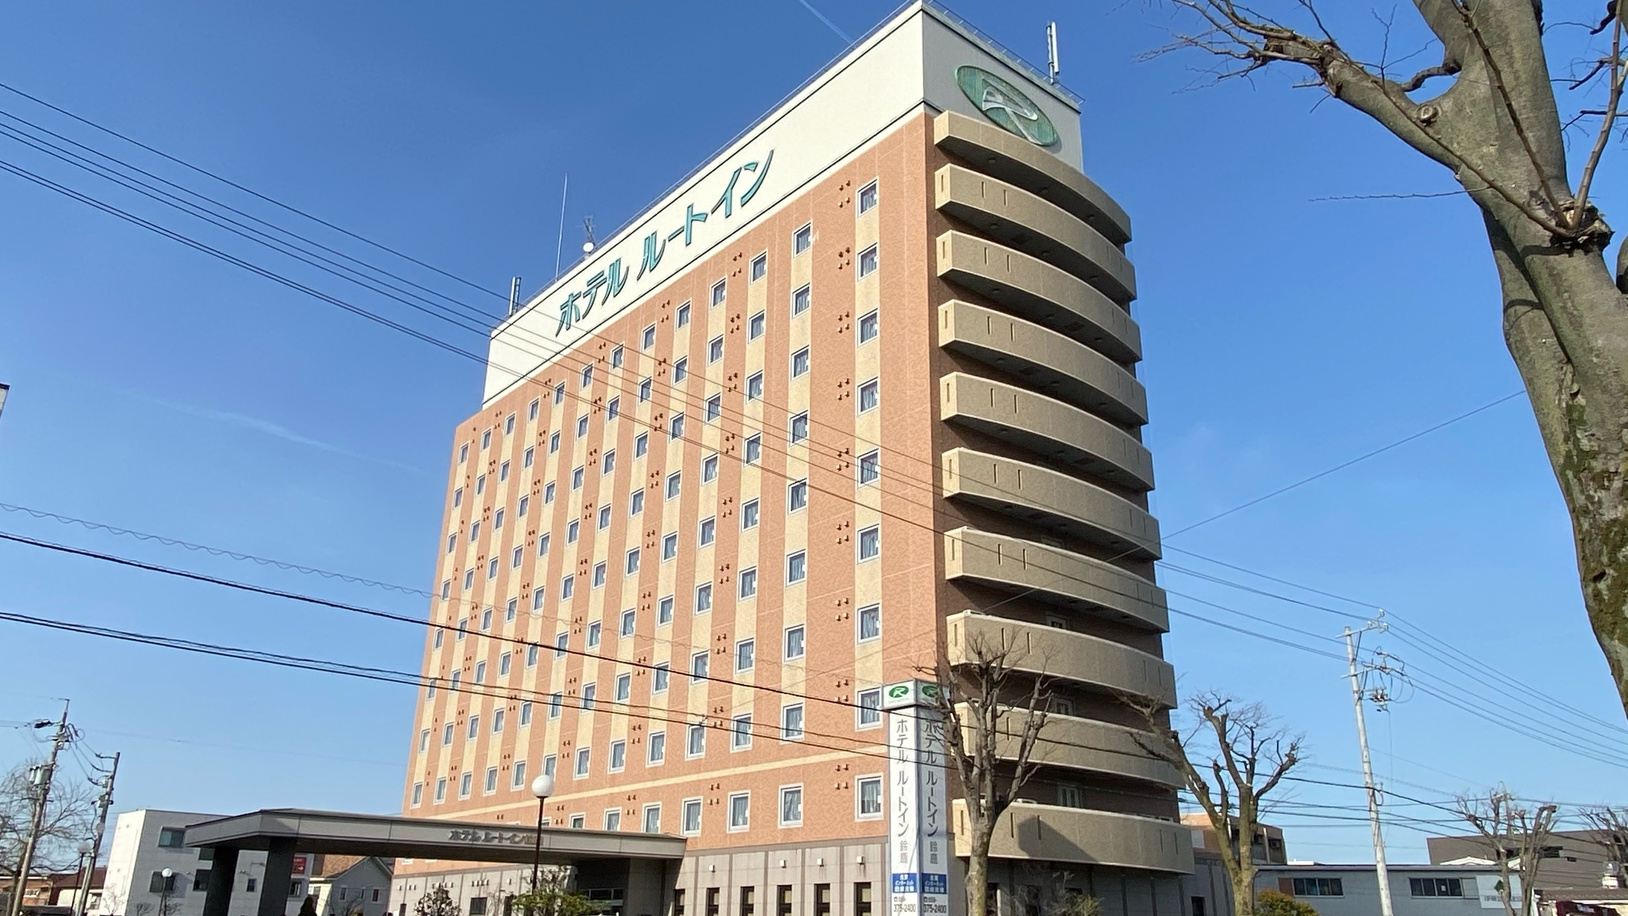 ホテル ルートイン 鈴鹿◆楽天トラベル